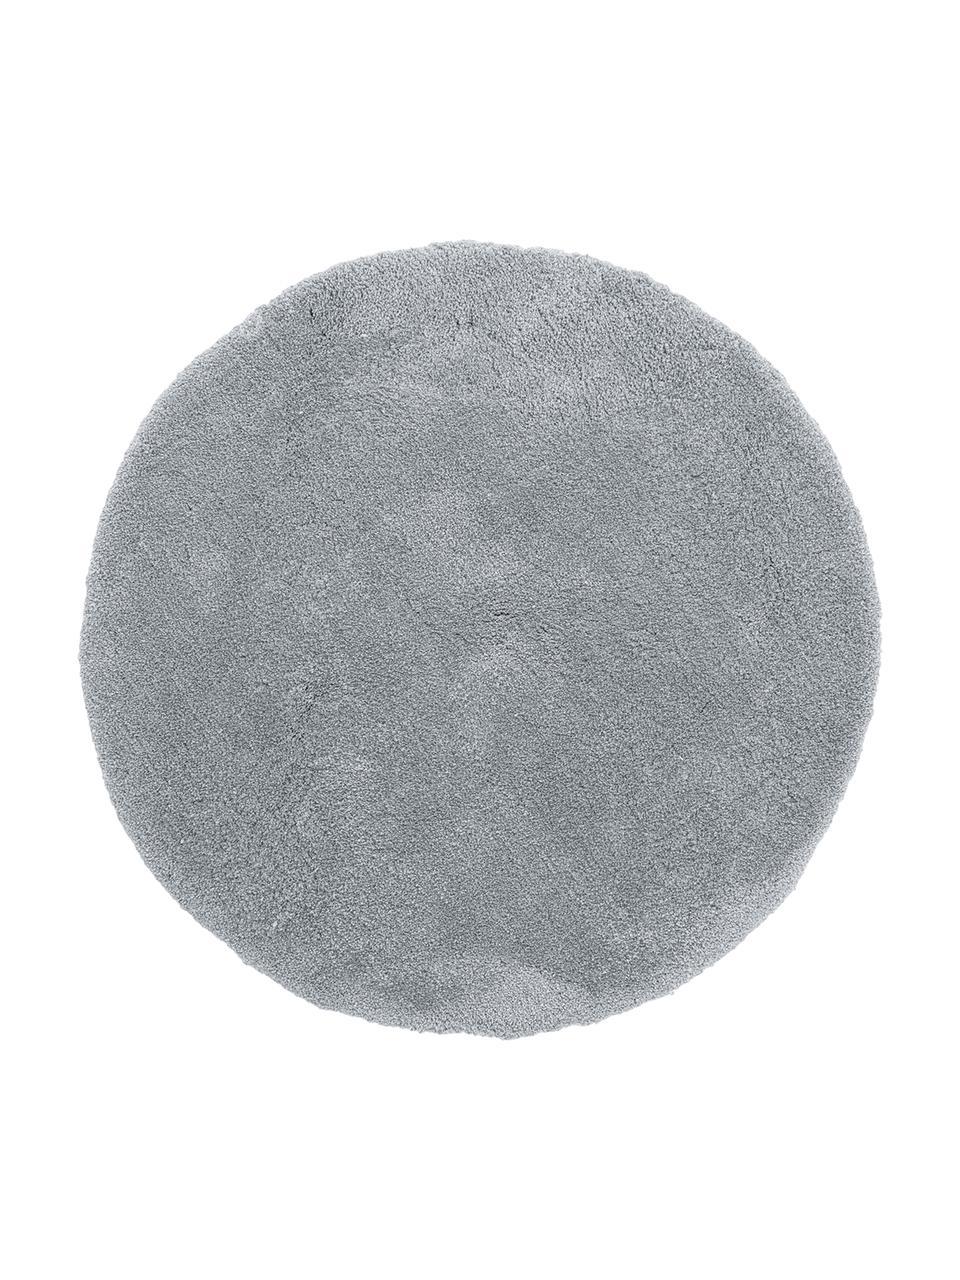 Tappeto peloso rotondo grigio scuro Leighton, Retro: 70% poliestere, 30% coton, Grigio, Ø 200 cm (taglia L)